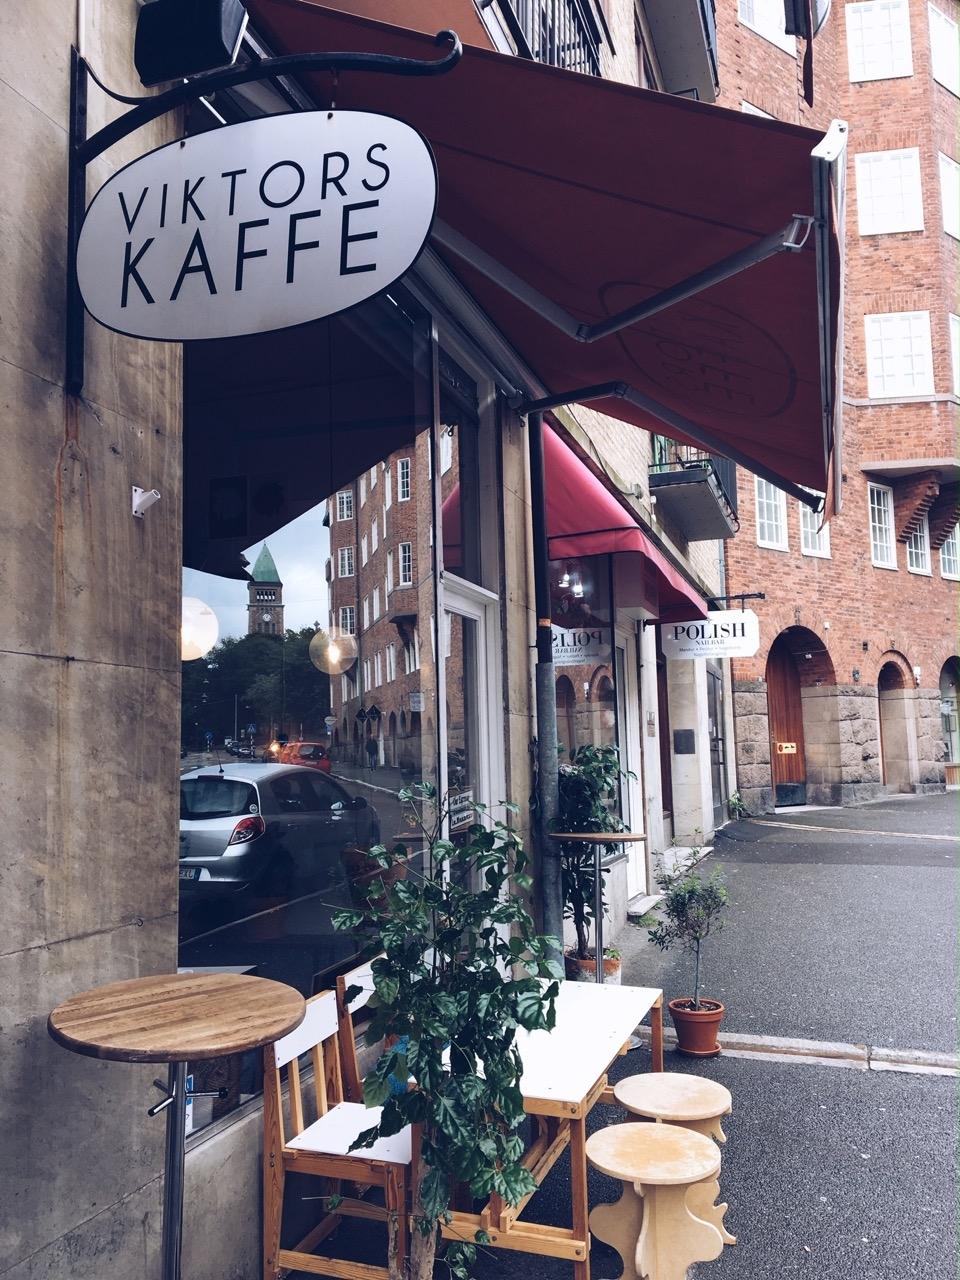 Viktors_kaffe_goeteborg